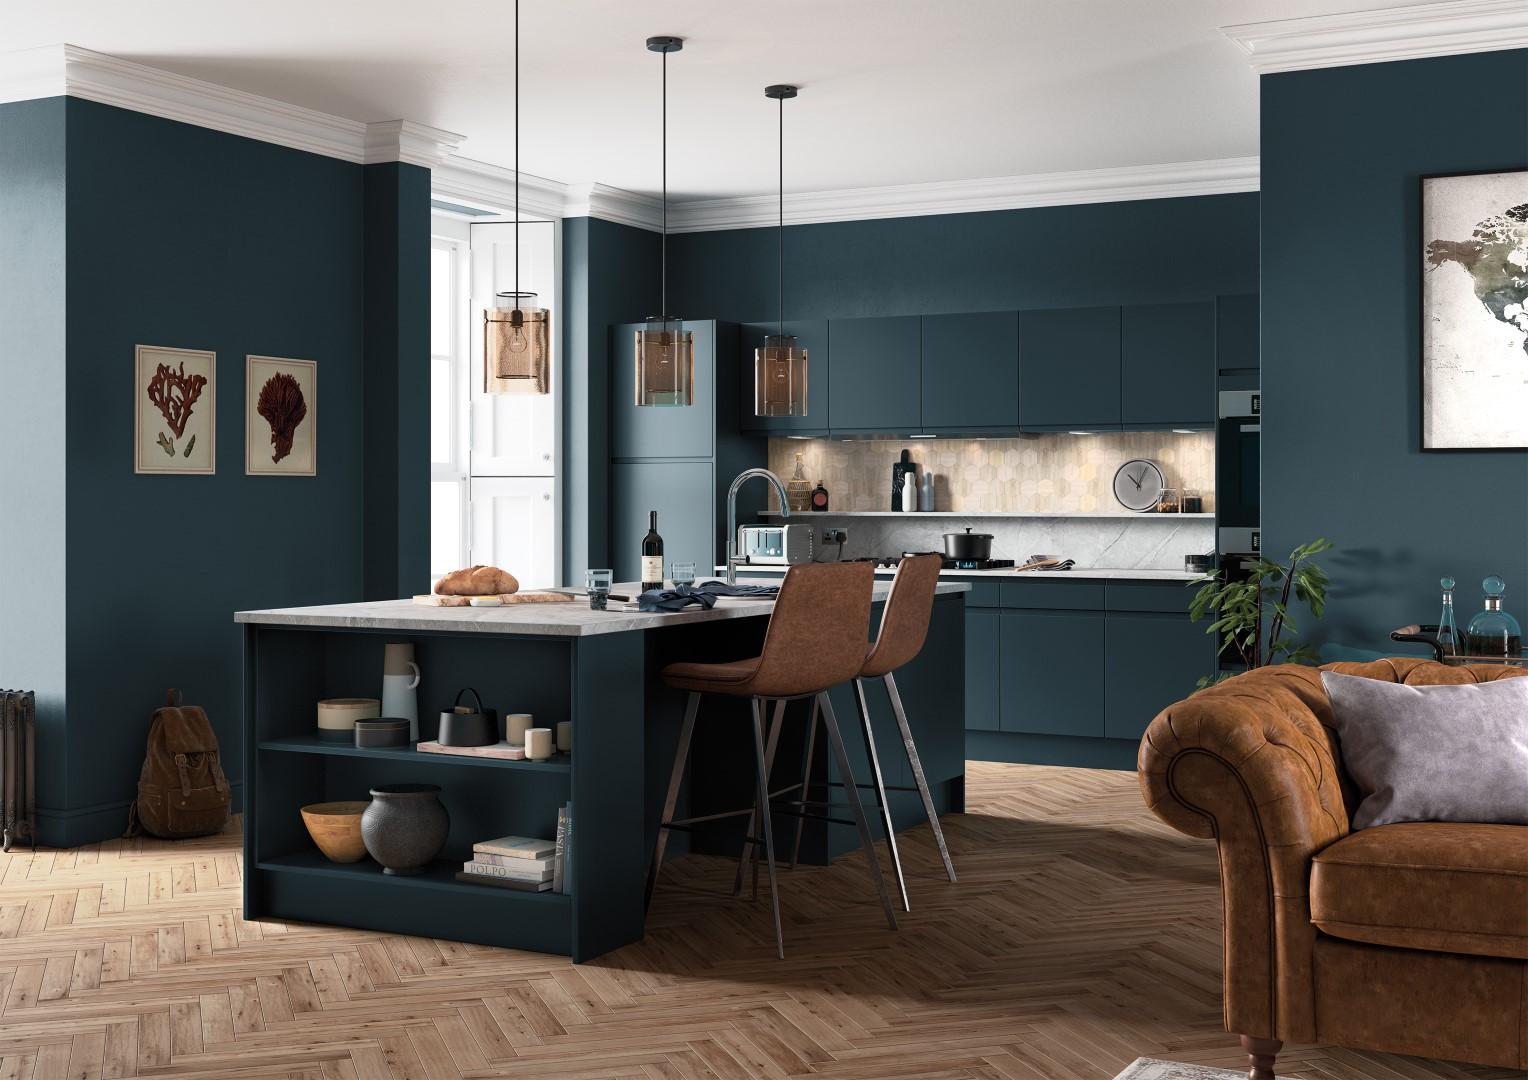 Strada Matte Marine - Kitchen Design - Alan Kelly Kitchens - Waterford - 5